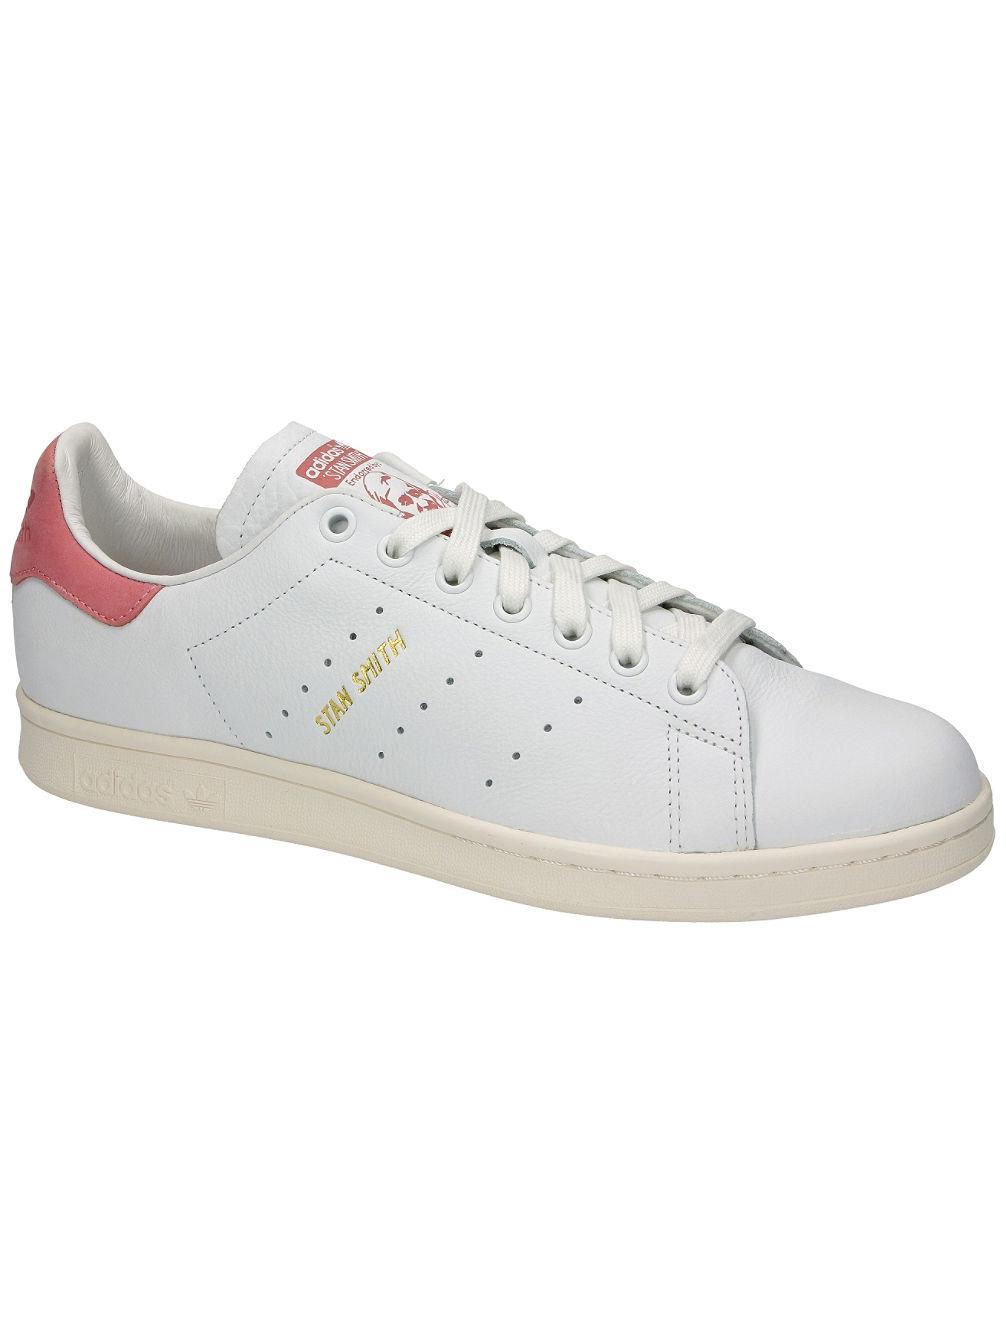 adidas-originals-stan-smith-sneakers